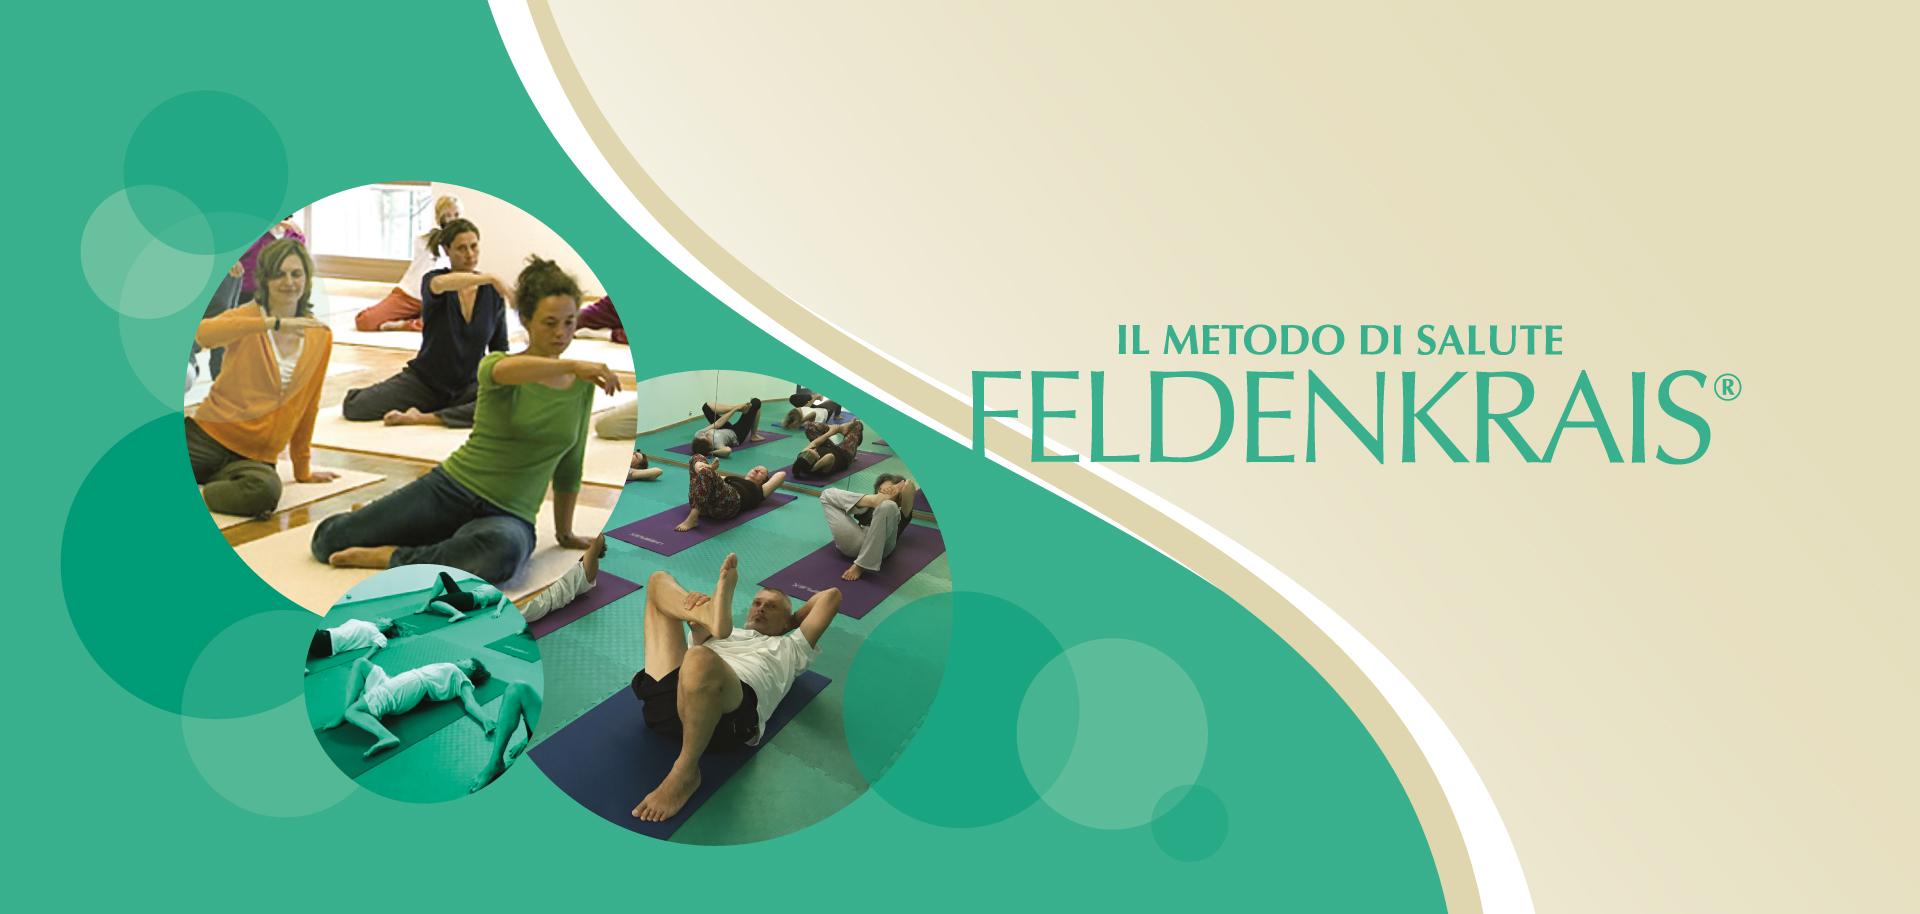 Metodo di salute Feldenkrais